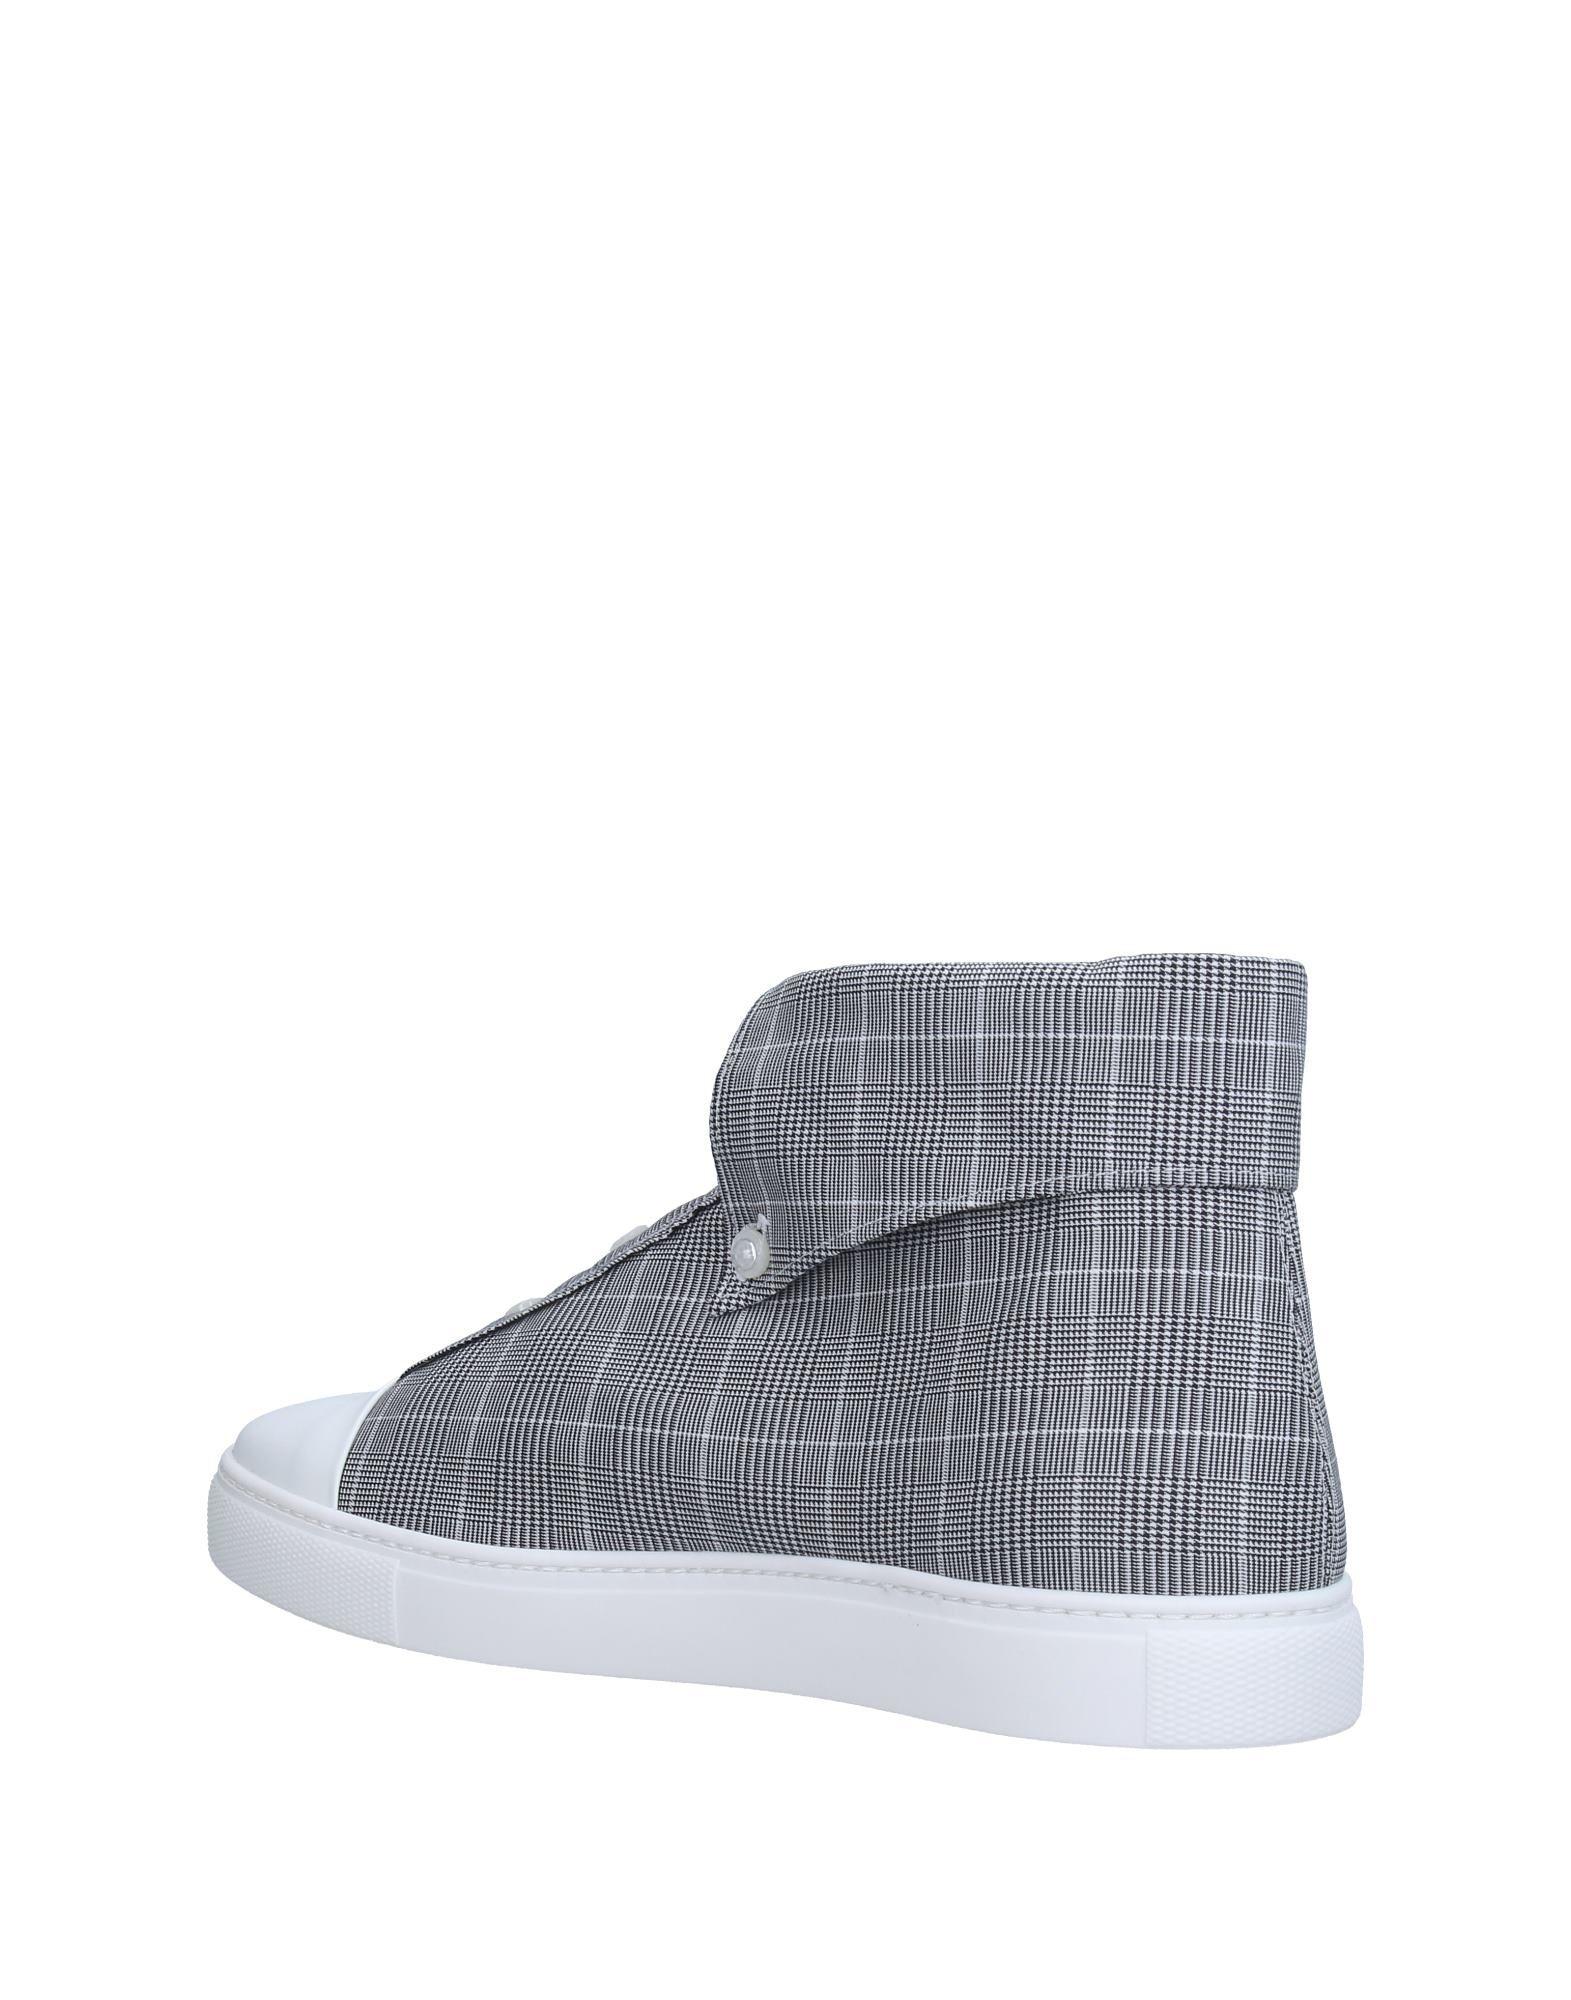 Sneakers Sciuscert Homme - Sneakers Sciuscert sur